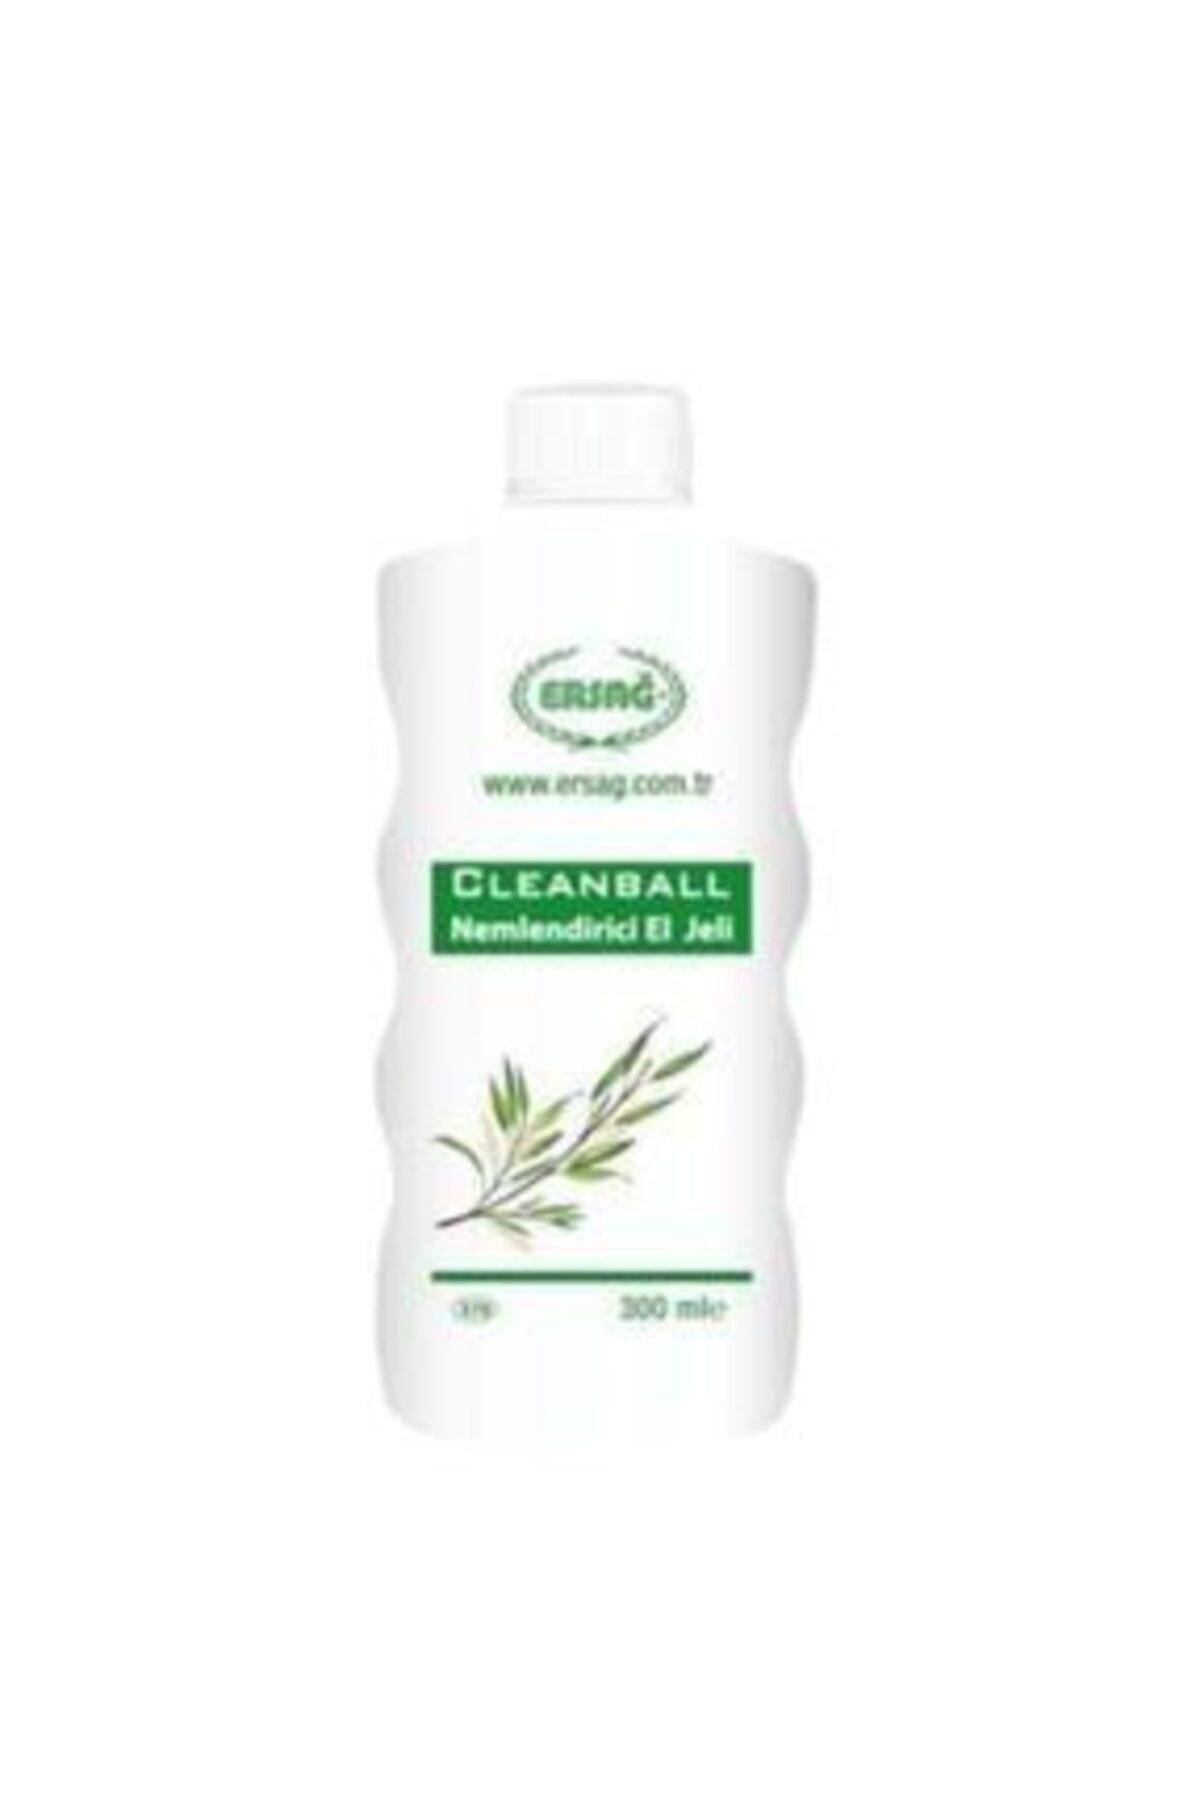 Ersağ Cleanball Nemlendirici El Jeli 300 ml 1